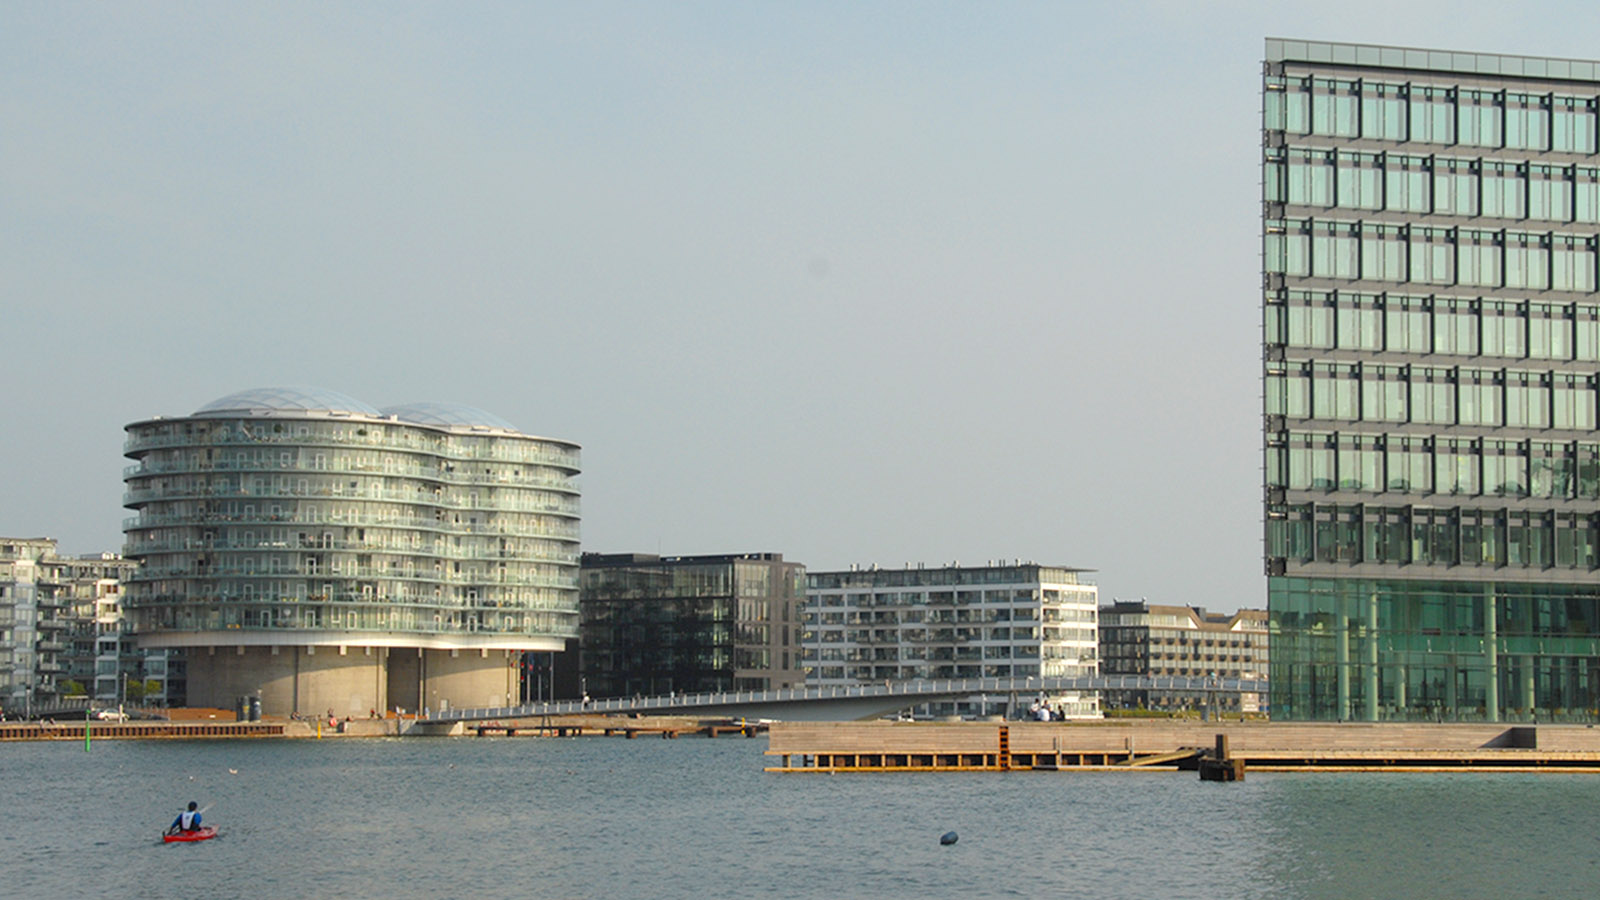 Mit dem Hafenbus unterwegs in Kopenhagen. Blick auf die neue Bebauung von Islands Brygge (l., Gemini-Wohngebäude) und Havneholmen (r.). Foto: Hilke Maunder